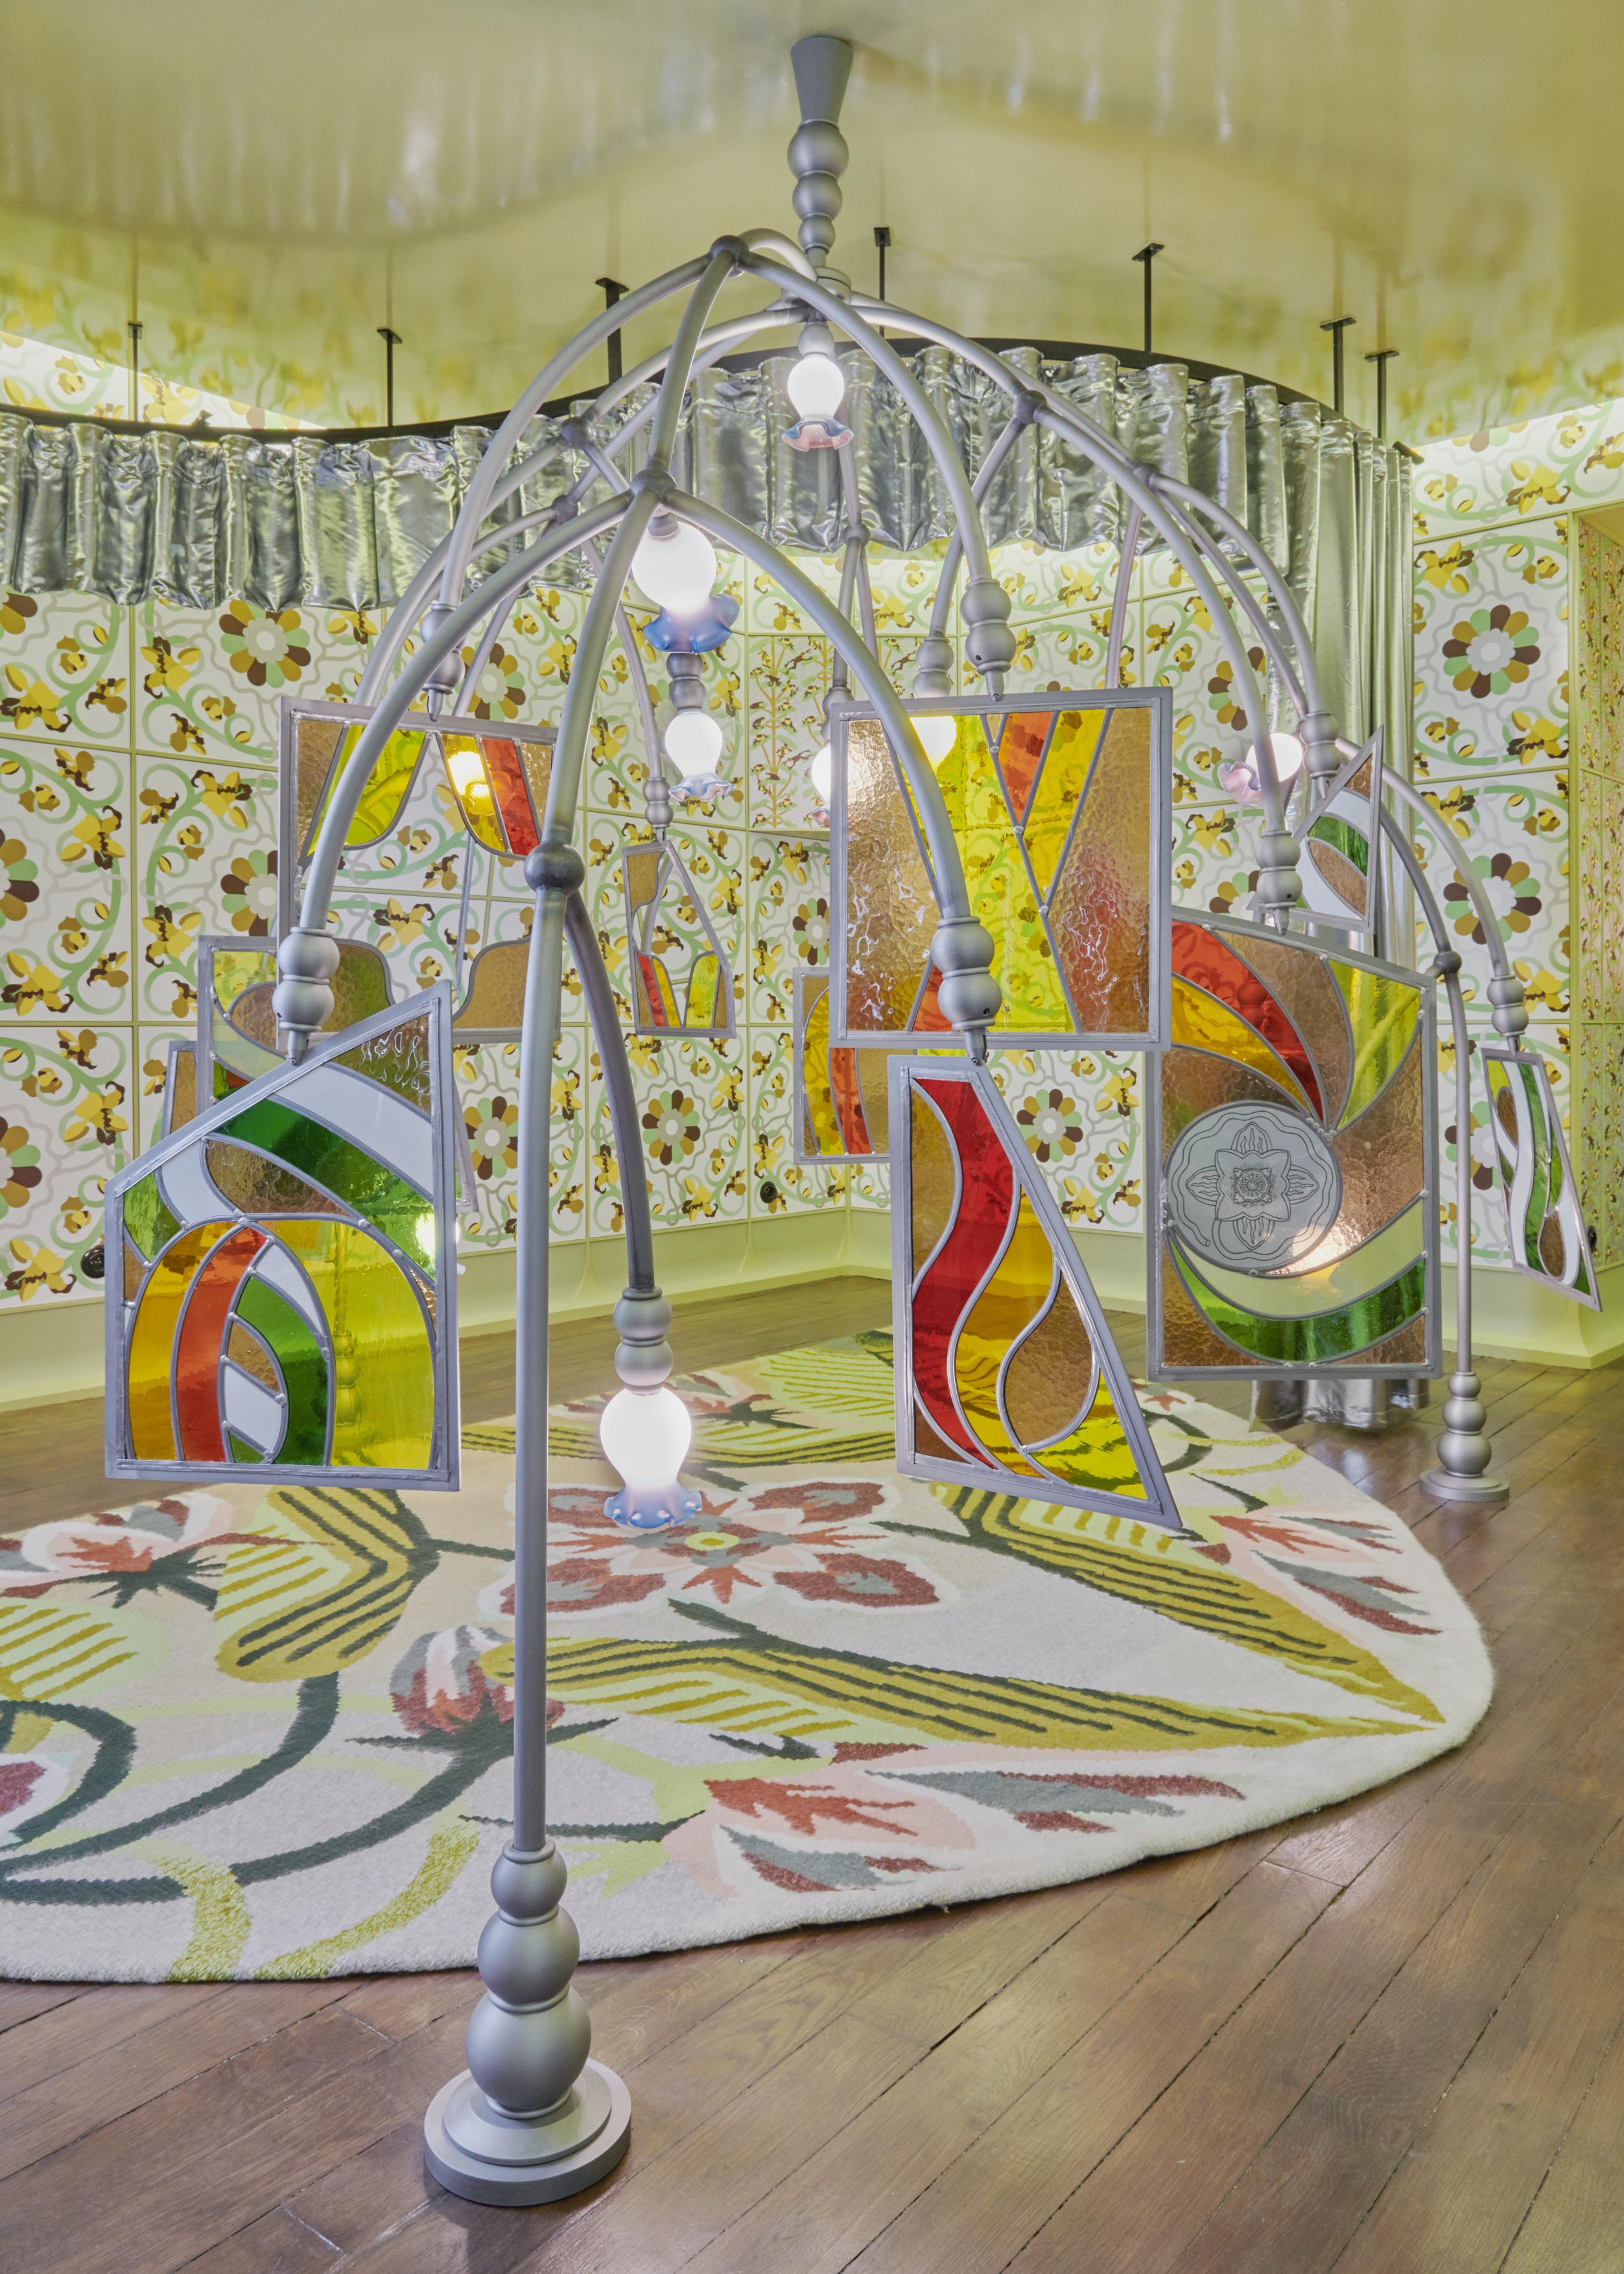 Galerie-de-Pierre-Marie-exposition-Olu-Nelum-huskdesignblog8